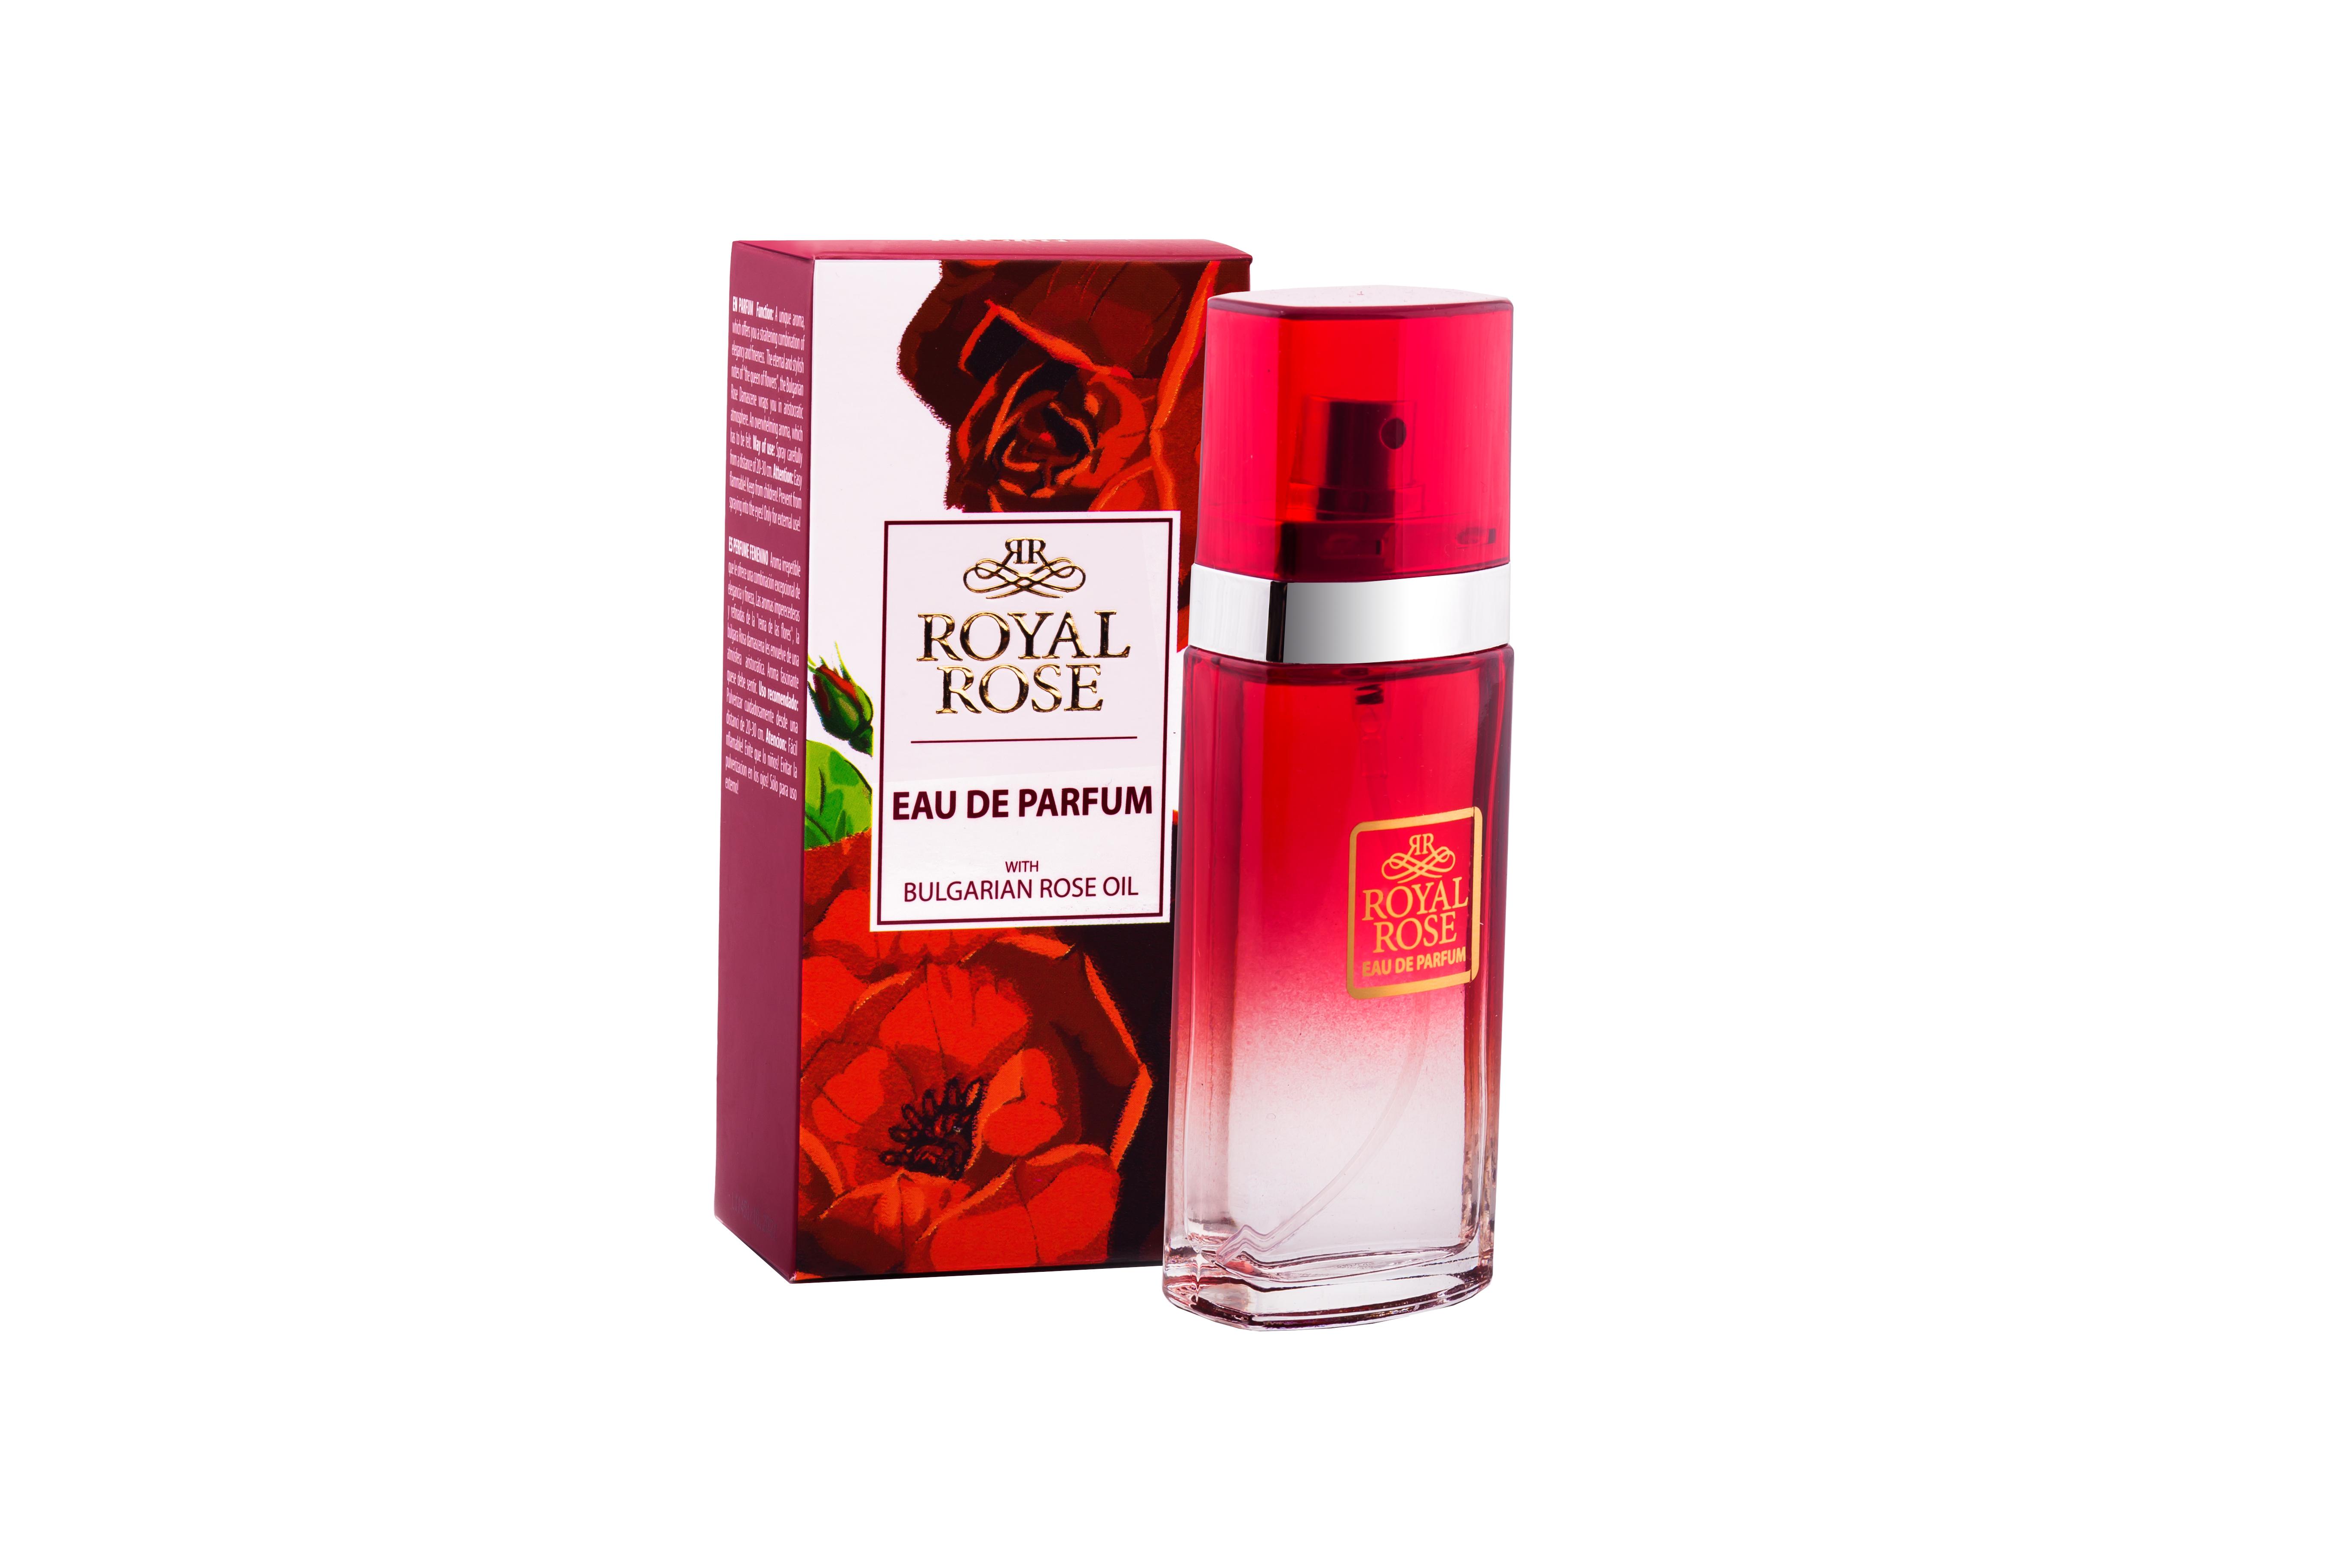 Royal Rose parfém s růžovým olejem 50 ml (Půvabná vůně růží podtrhuje křehkost a zároveň smyslnost ženy. Jen pak pozor na zástupy ctitelů!)